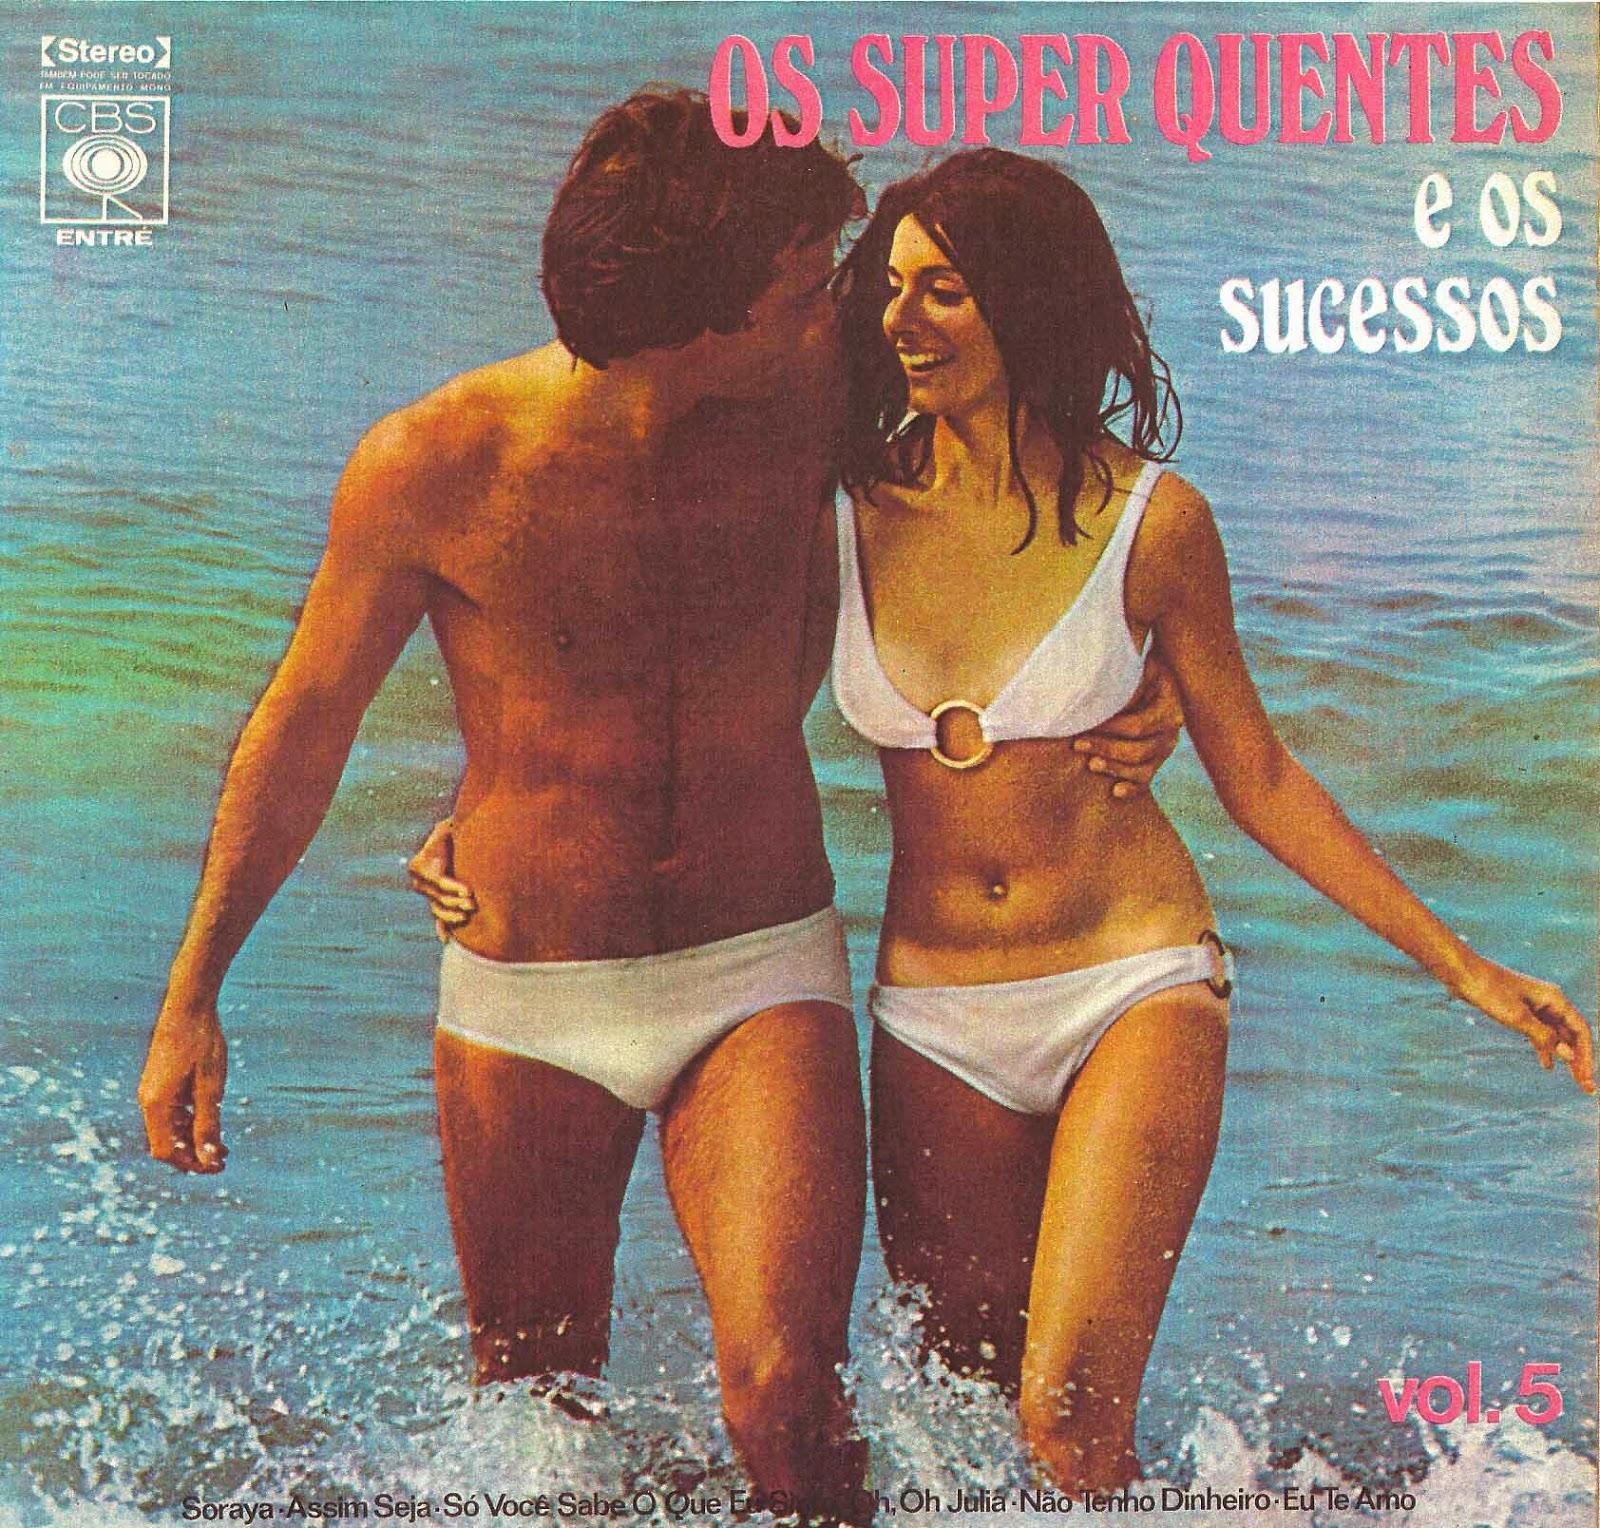 OS SUPER QUENTES - E OS SUCESSOS - VOLUME 5 - 1972 - REPOST